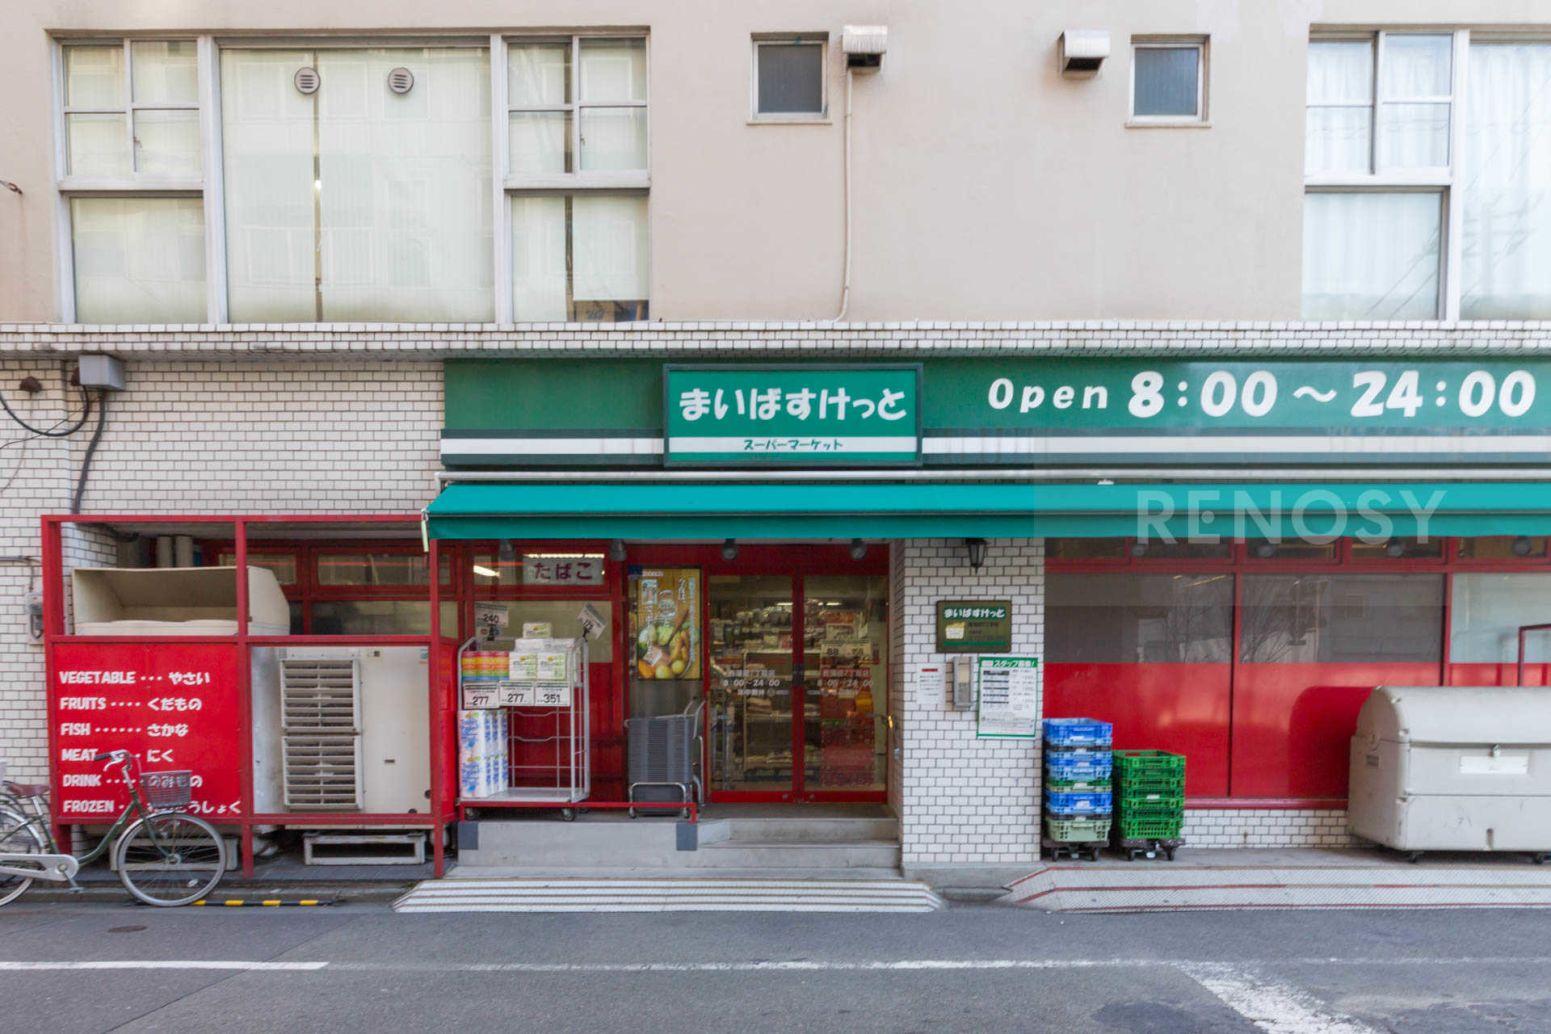 センチュリードメス西蒲田弐番館